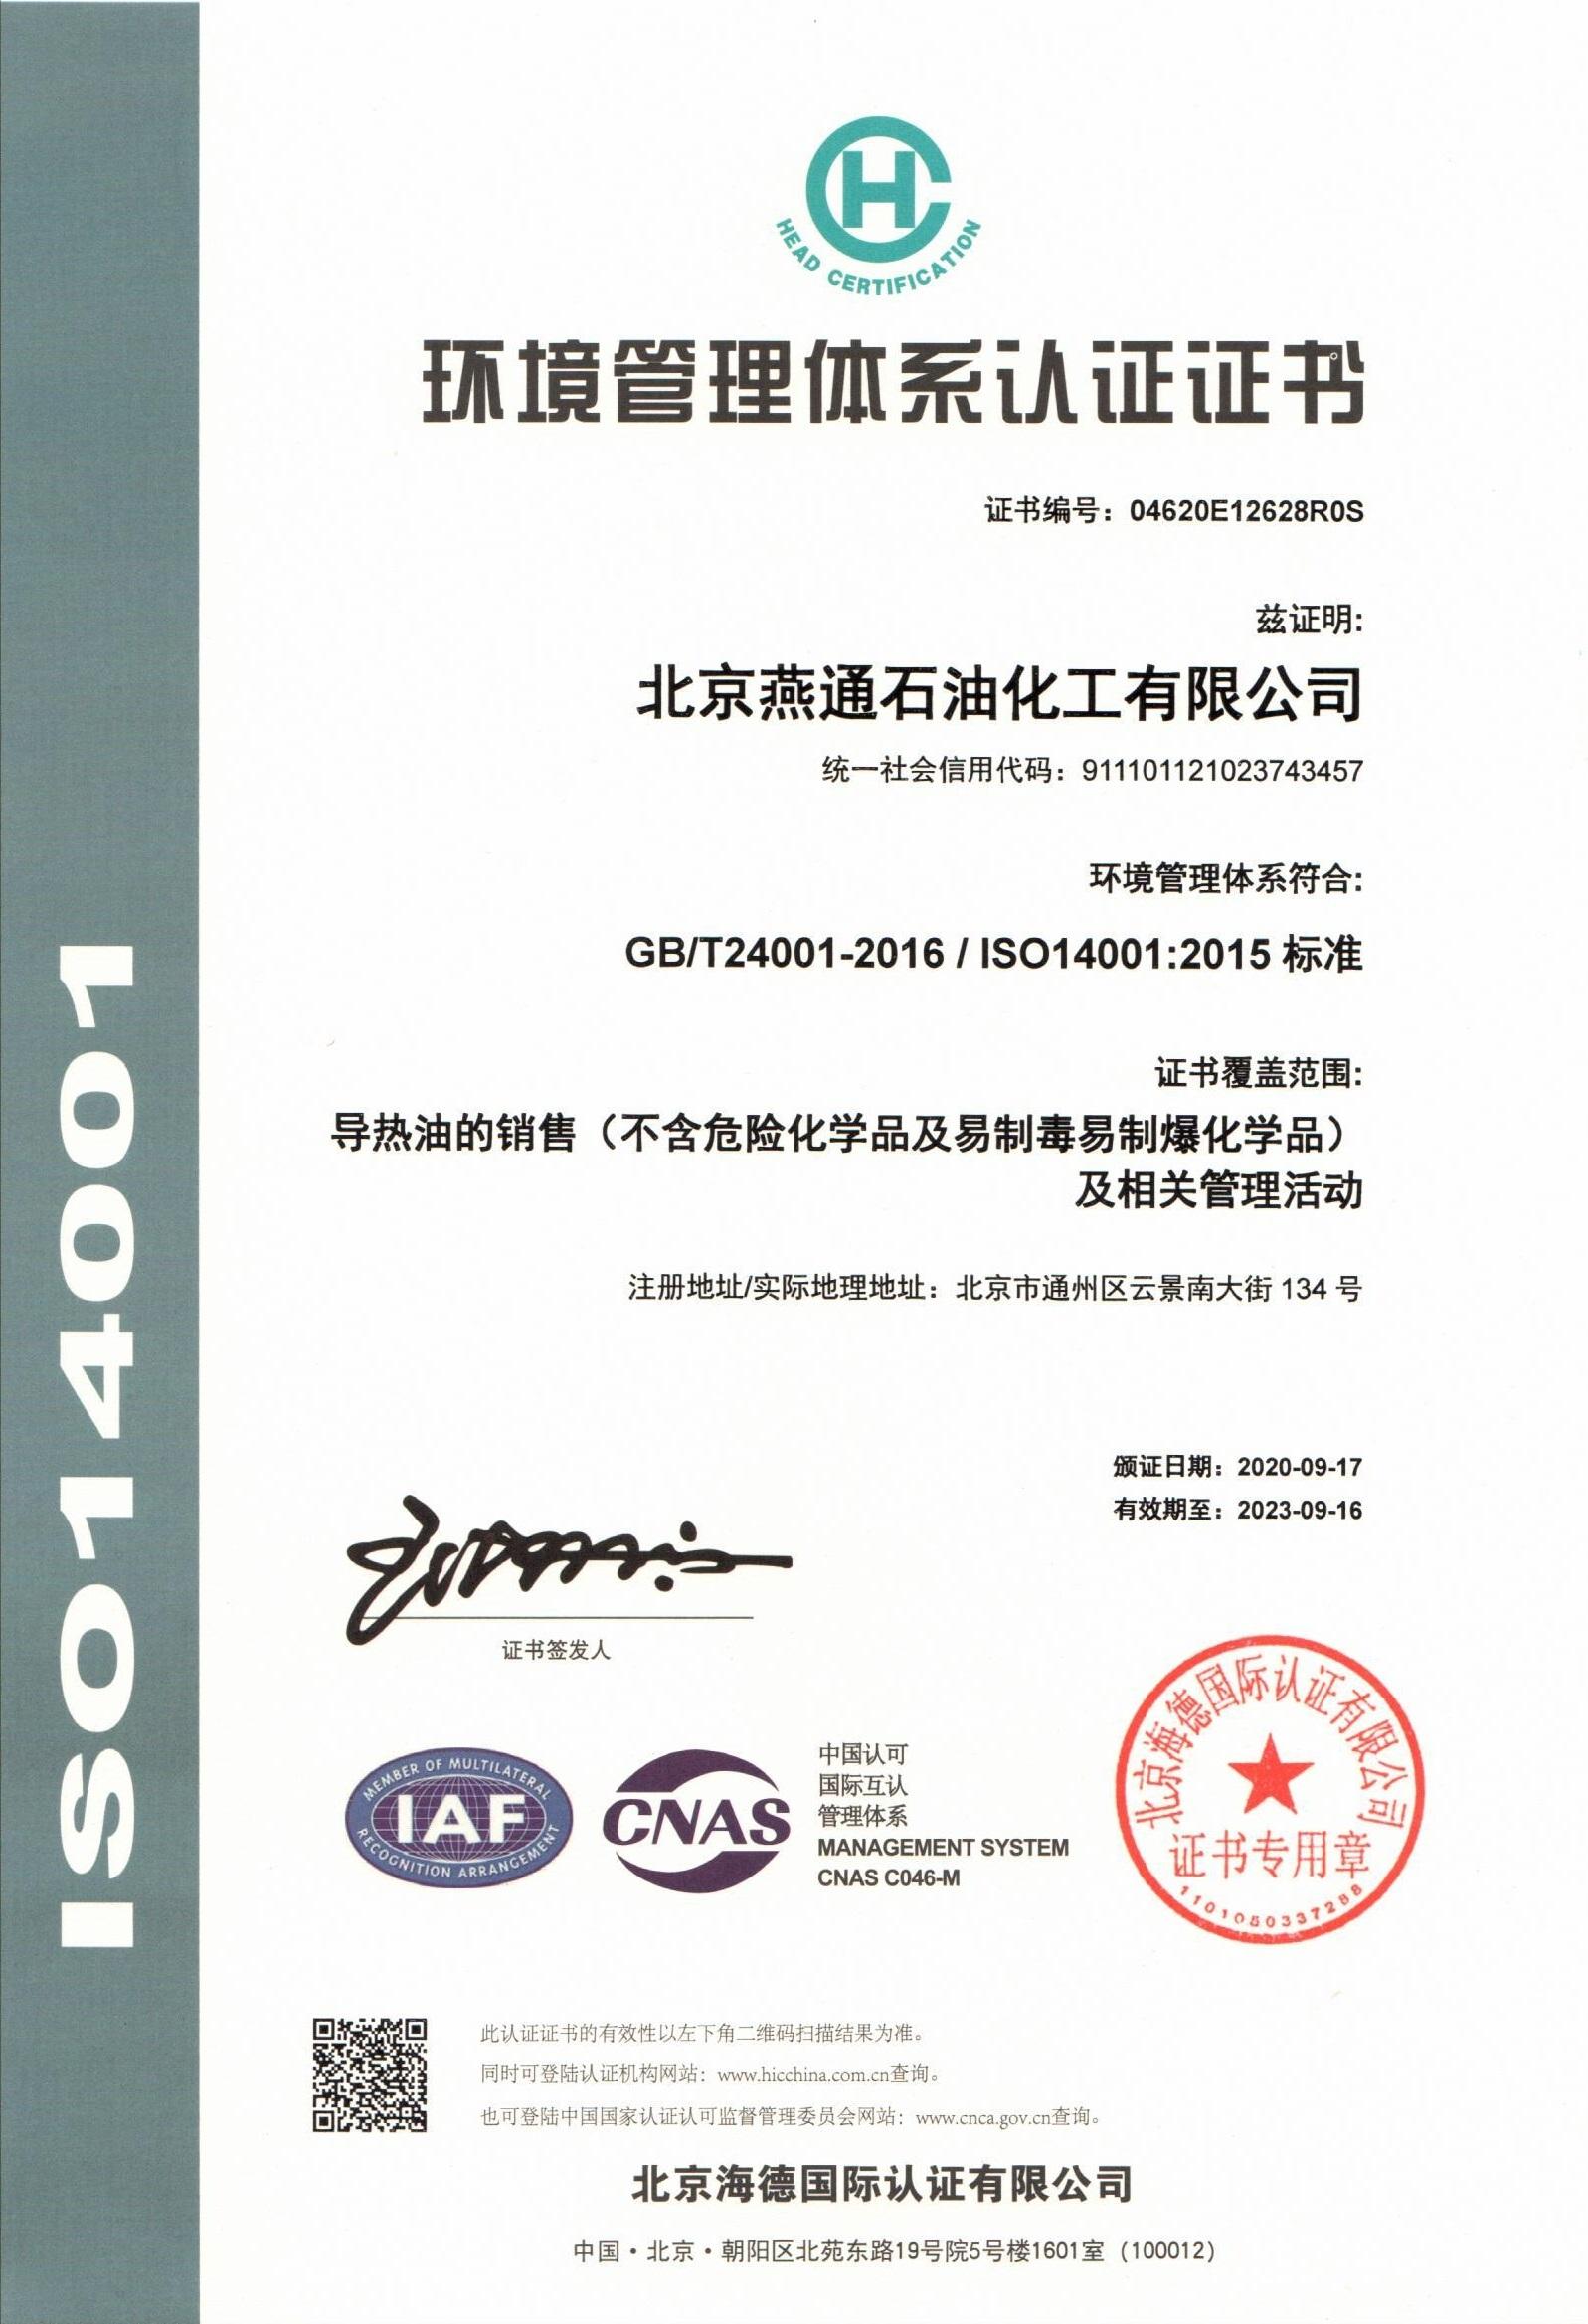 燕通导热油环境管理体系认证